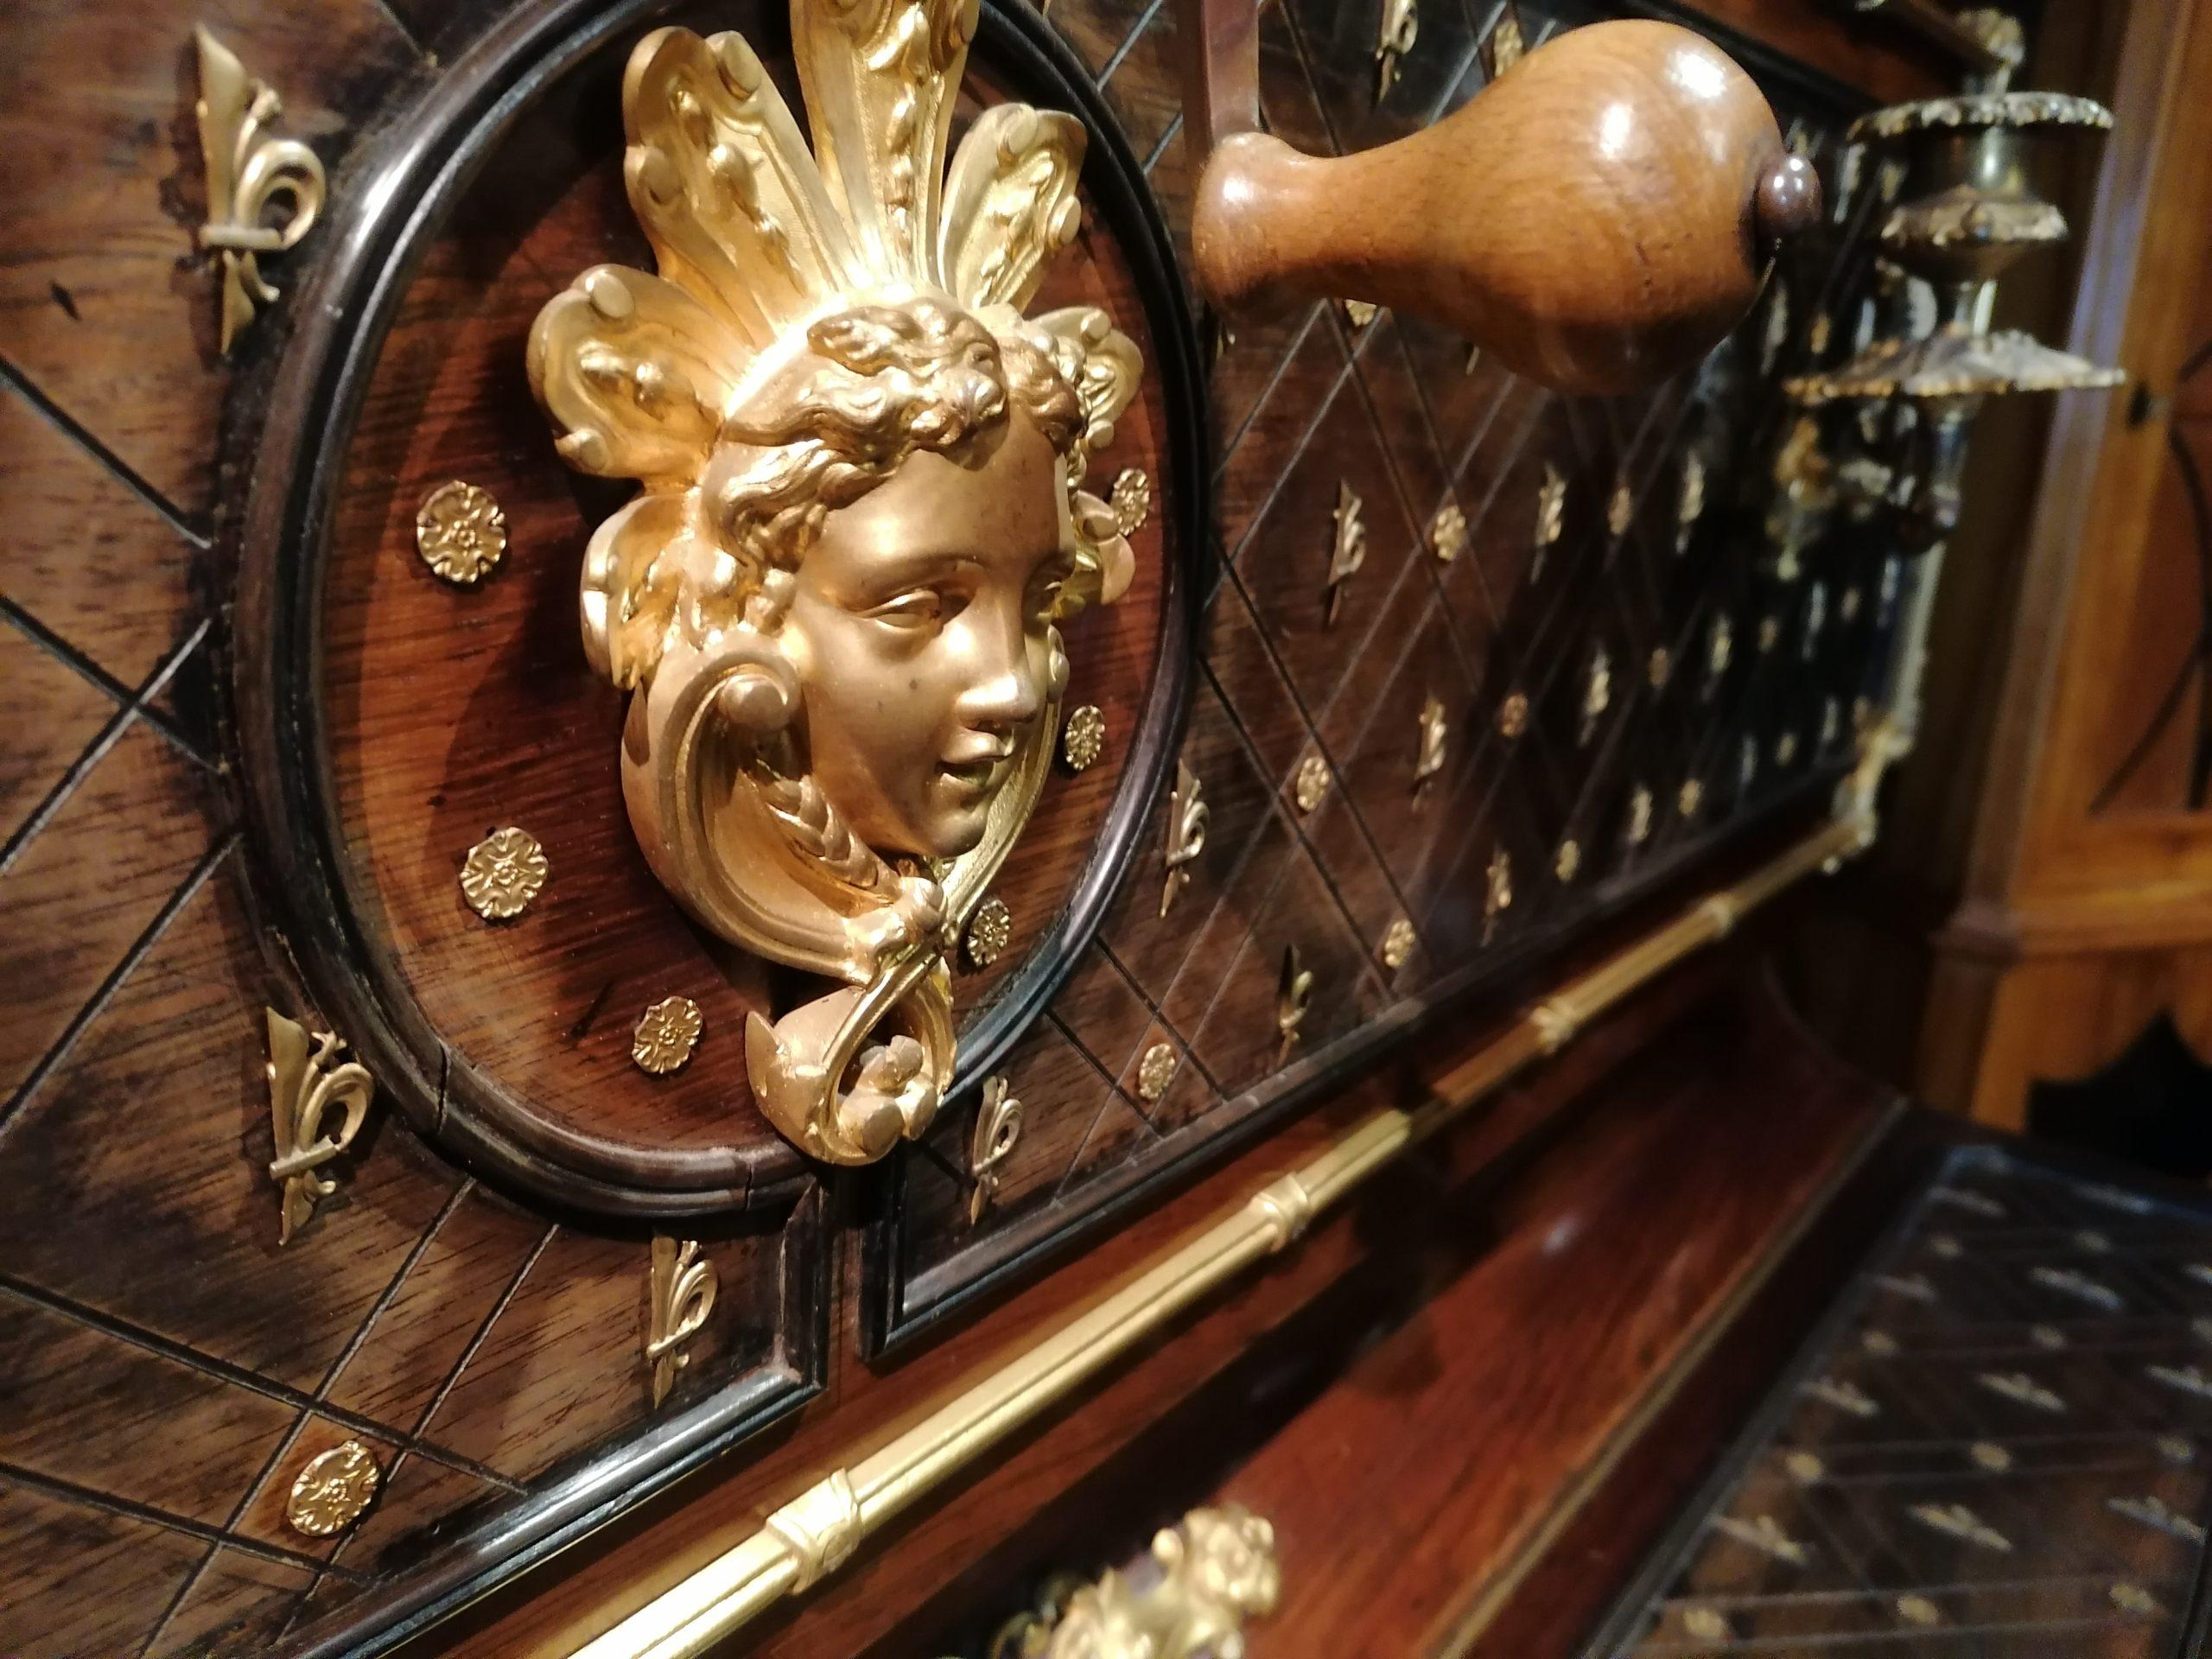 Frauen in der mechanischen Musik: Sonderschau im Deutschen Musikautomaten-Museum